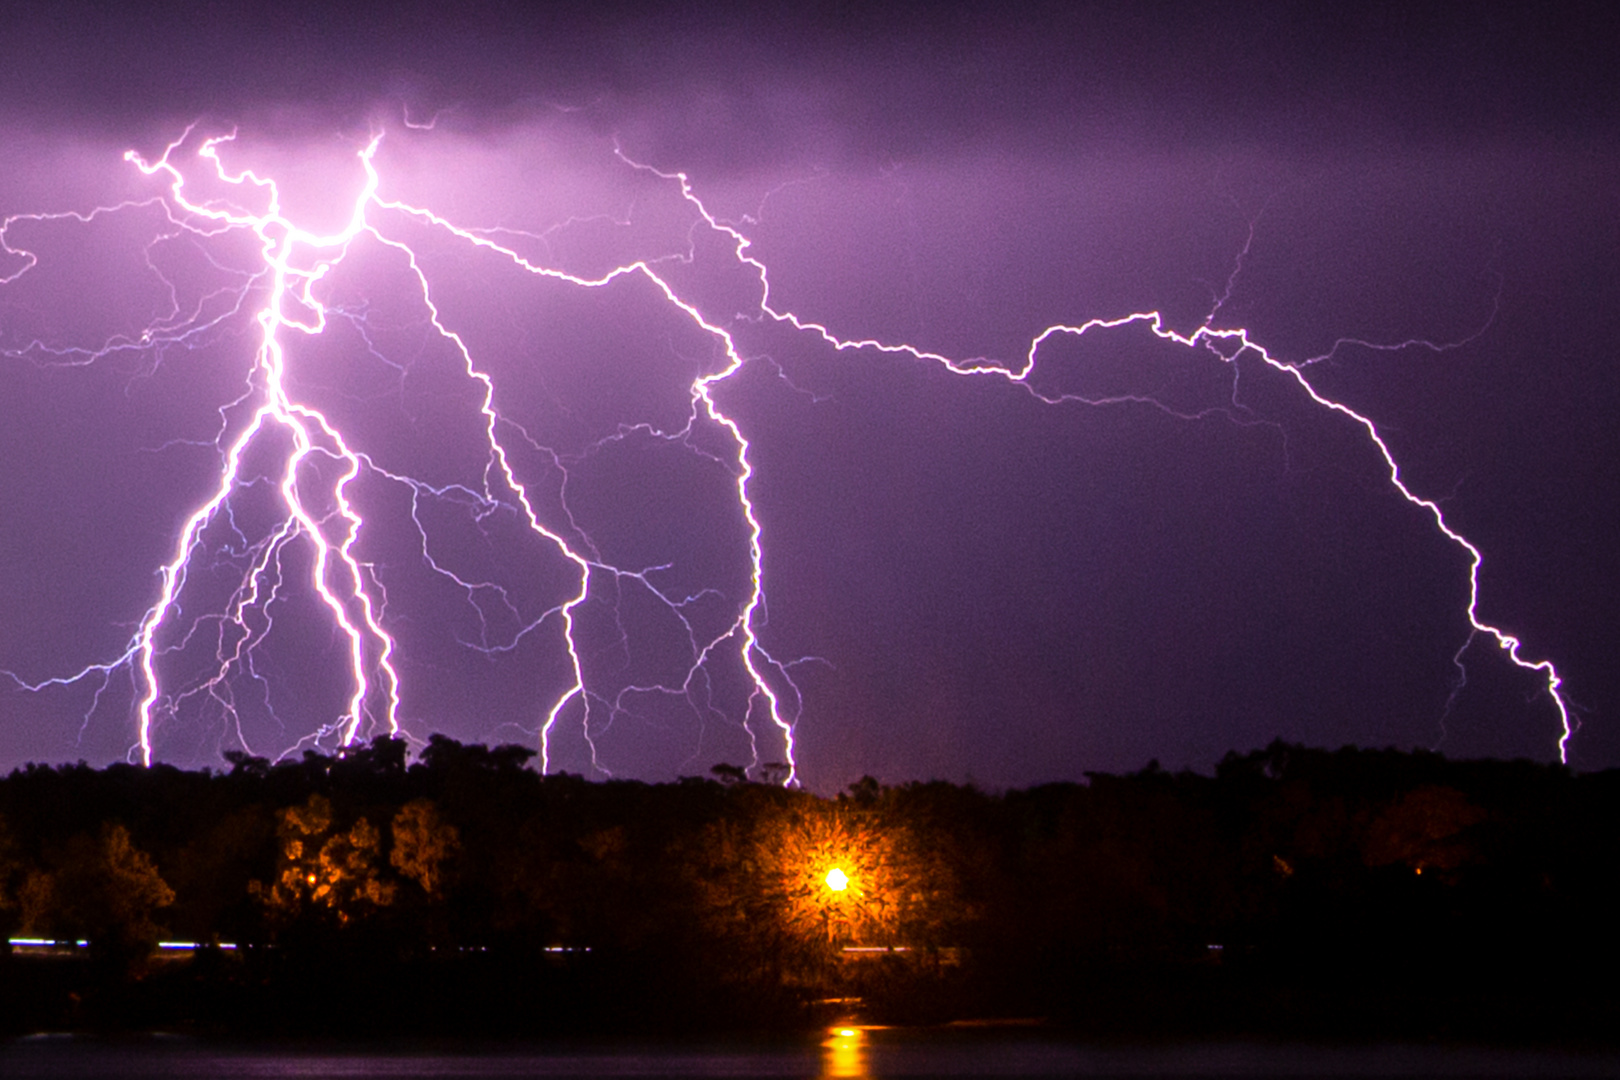 severe thunderstorm foto bild australia nacht